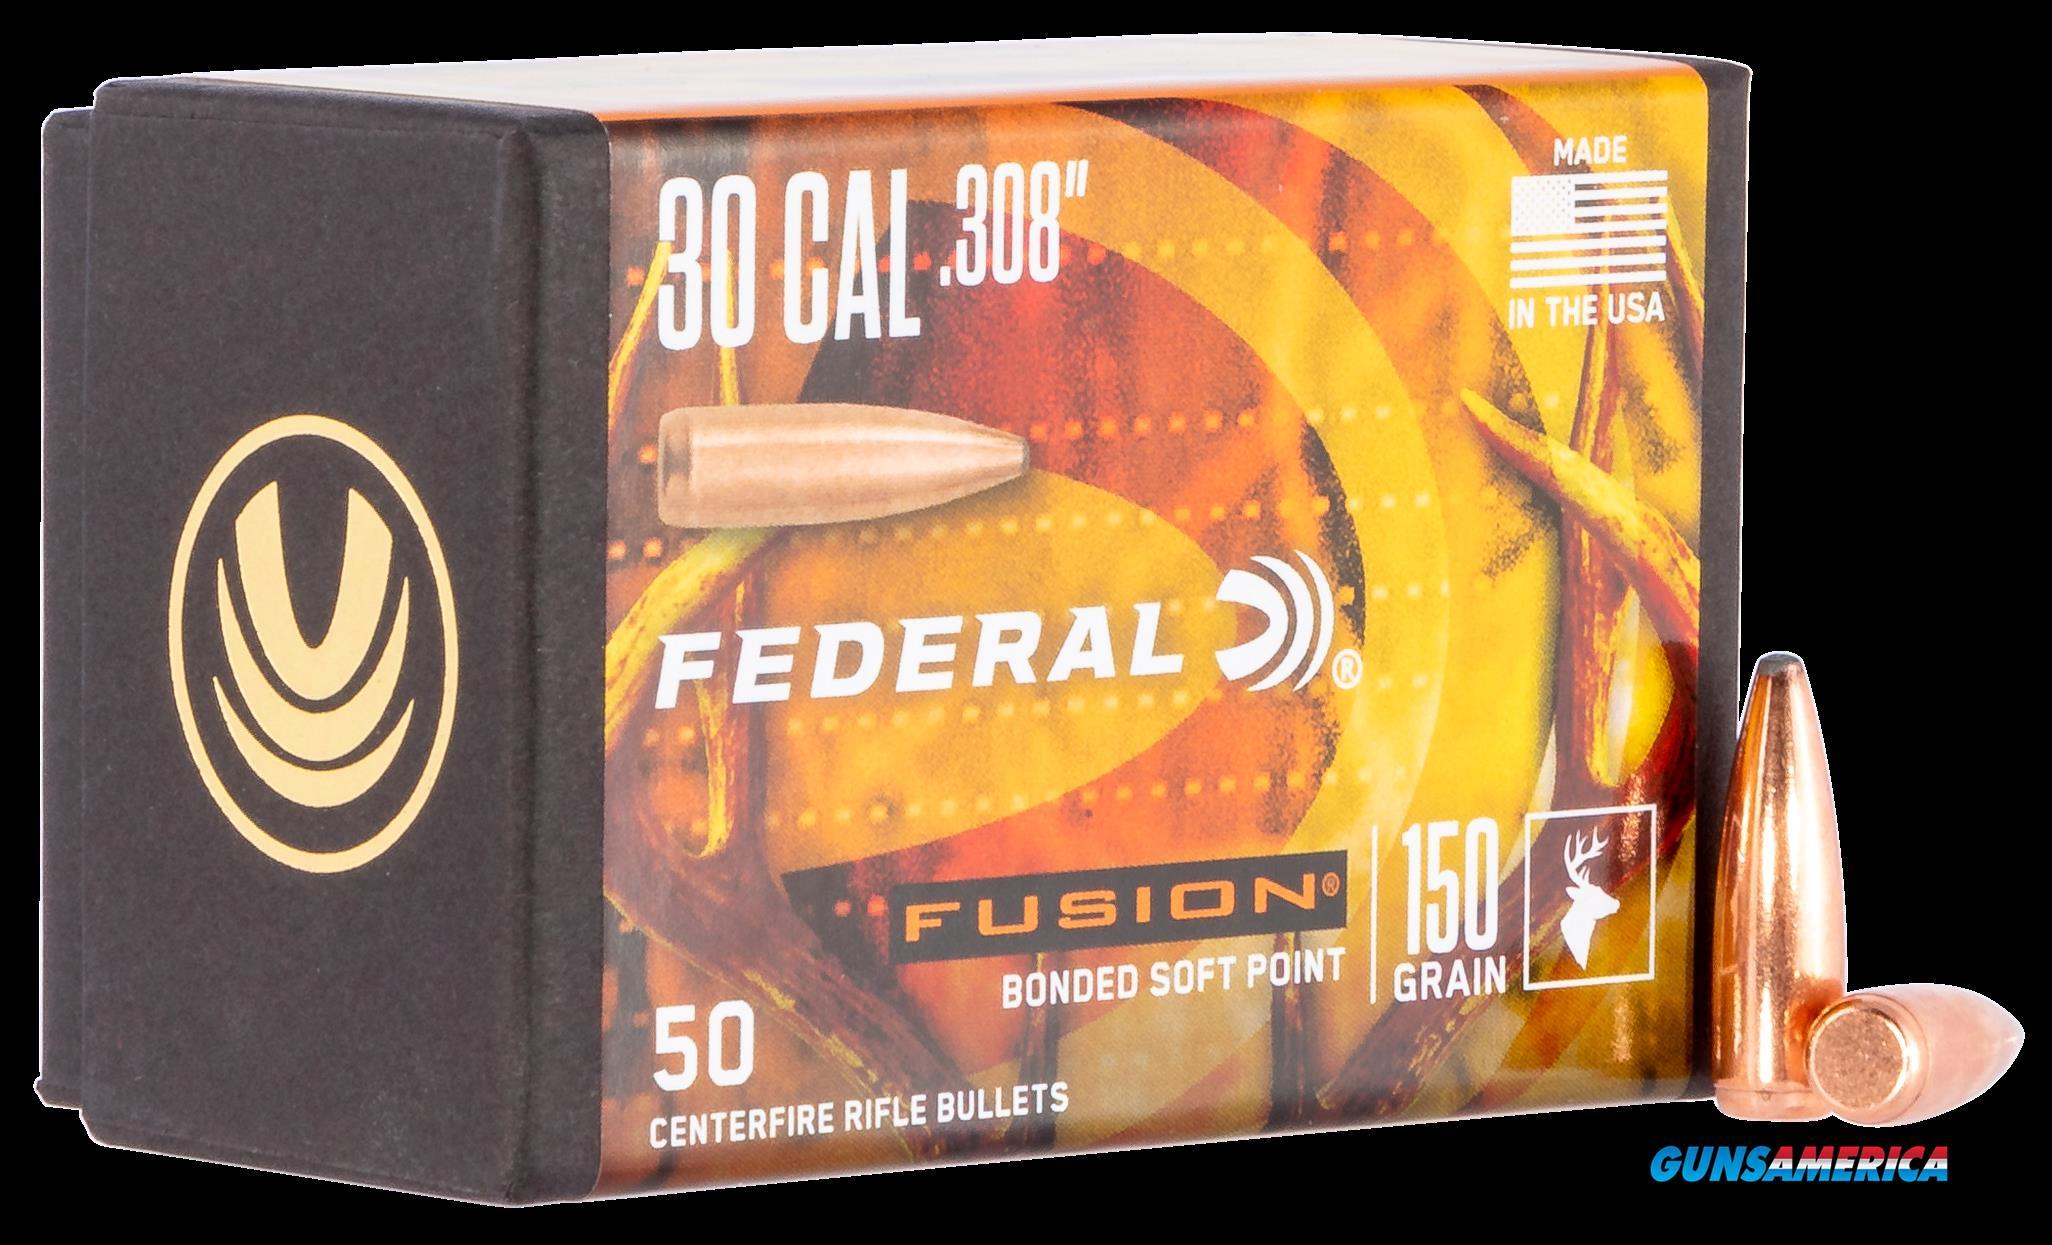 Federal Fusion Component, Fed Fb308f1     Bull .308 150fus        50-4  Guns > Pistols > 1911 Pistol Copies (non-Colt)